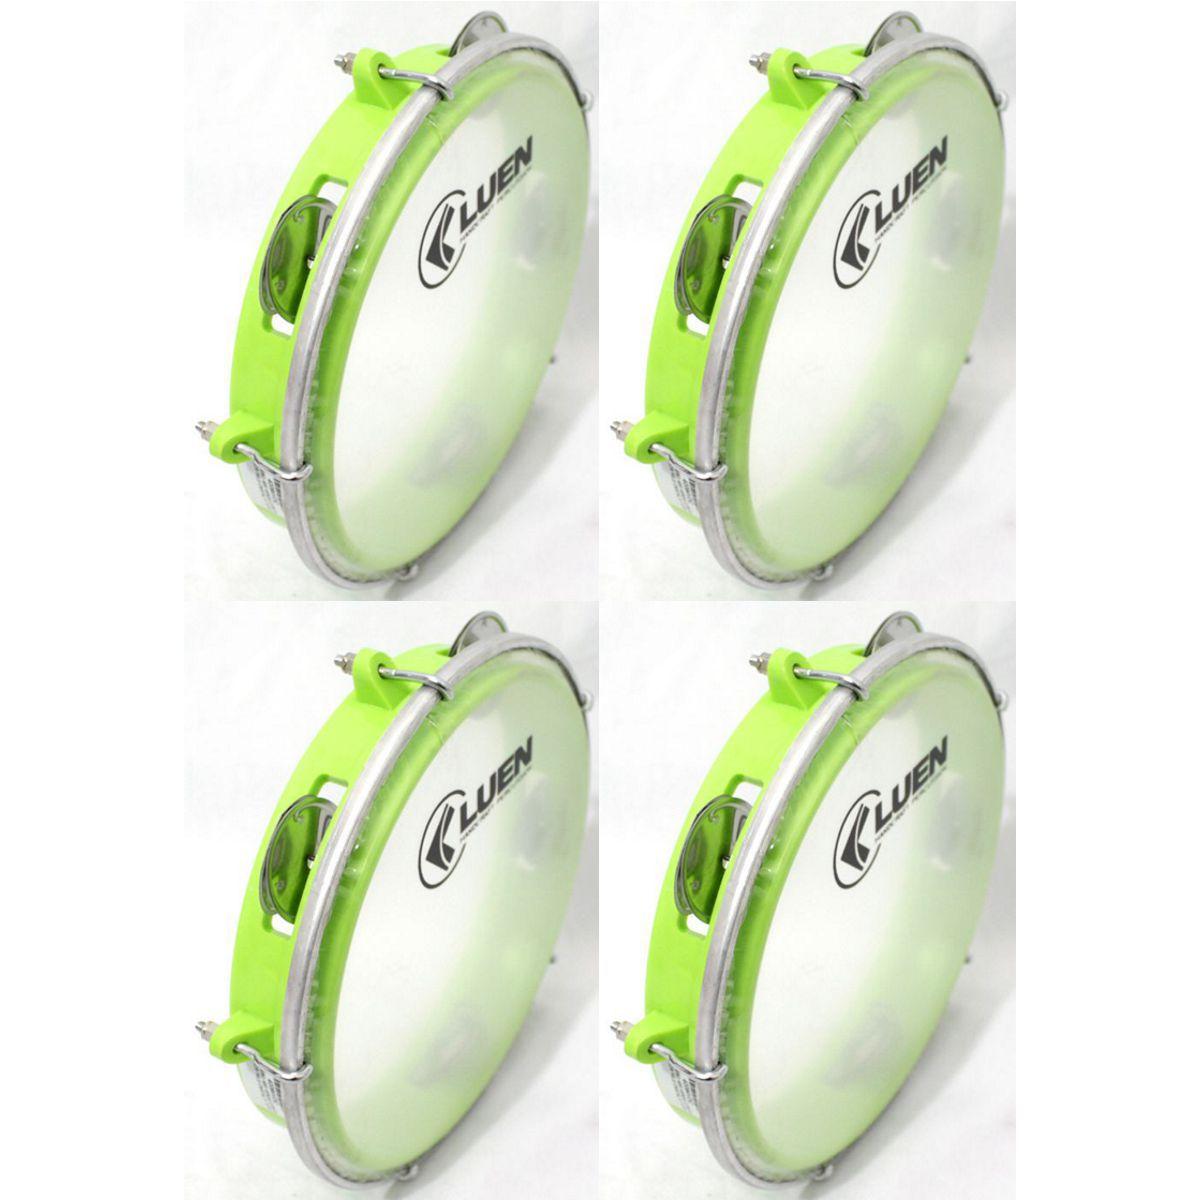 Pandeiro Luen 8 Junior ARO ABS Verde Pele Cristal - 40084VDC - Pacote com 04 Unidades